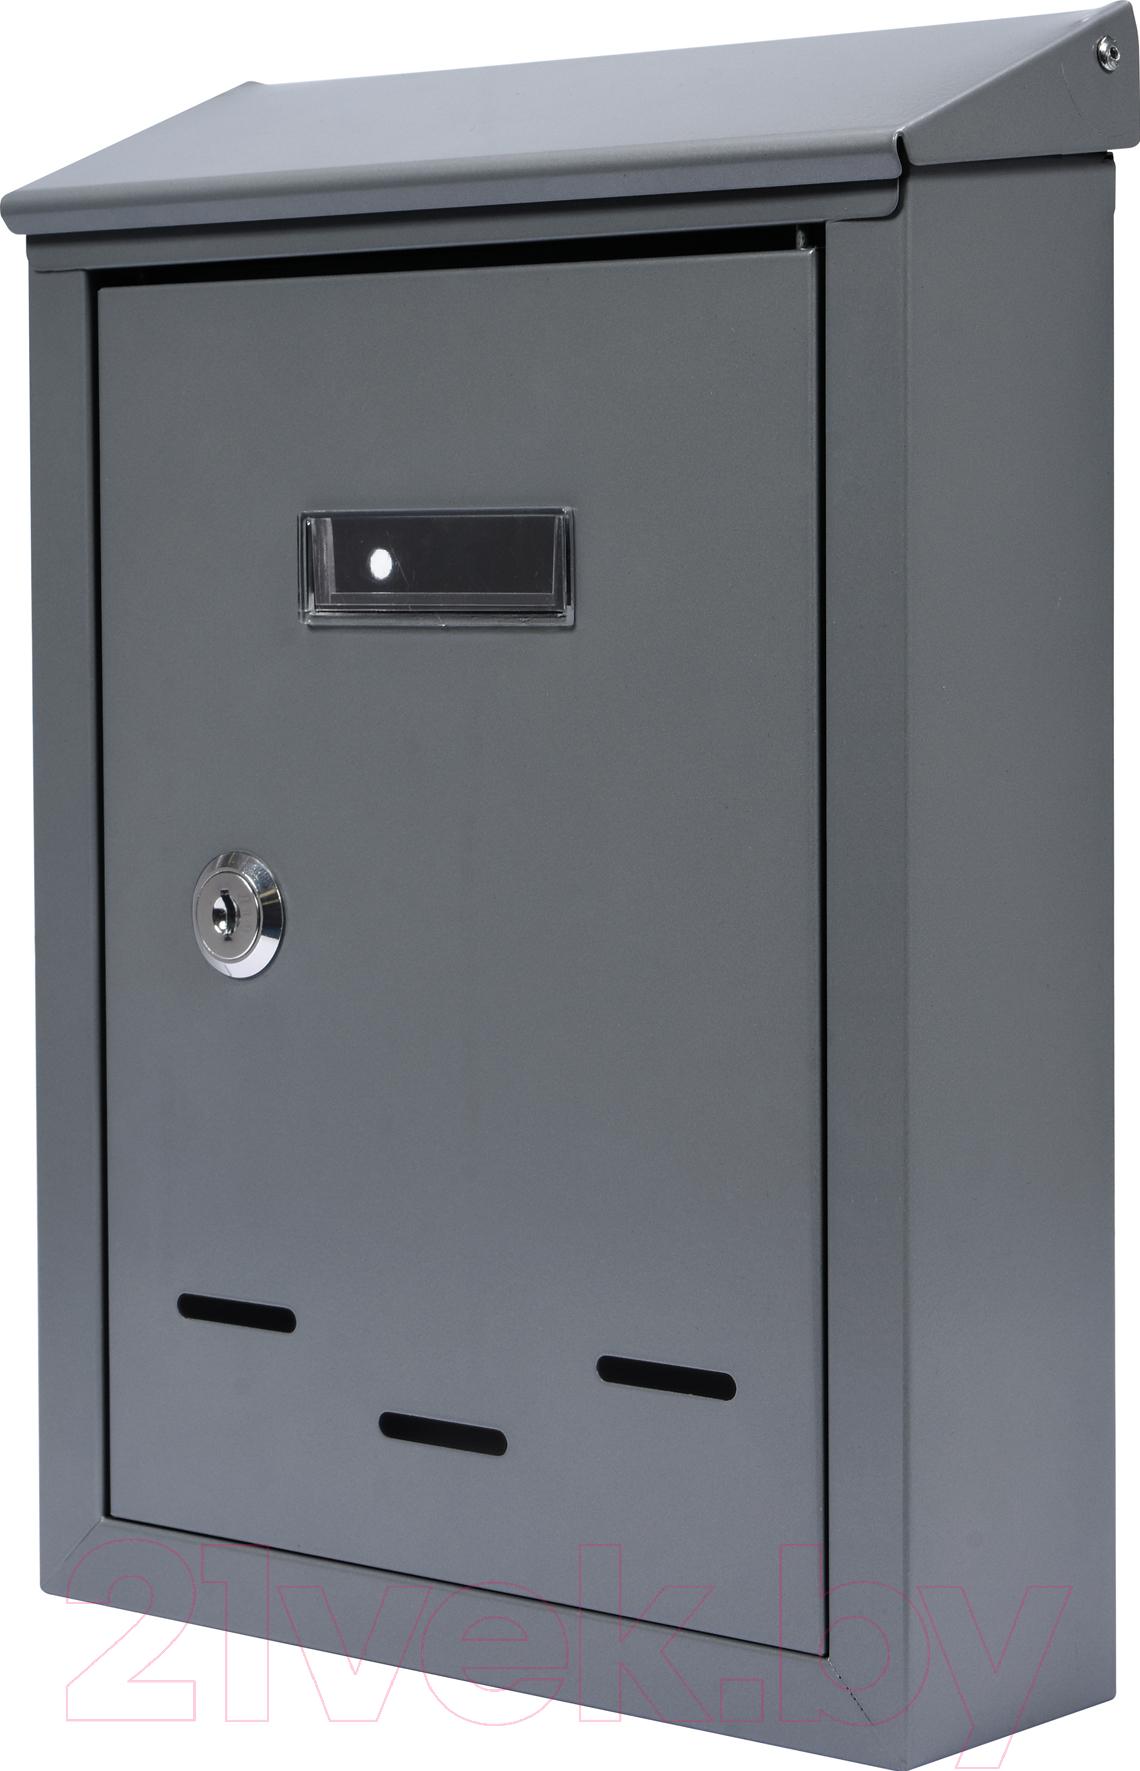 Купить Почтовый ящик Vorel, 78541, Польша, серый, сталь